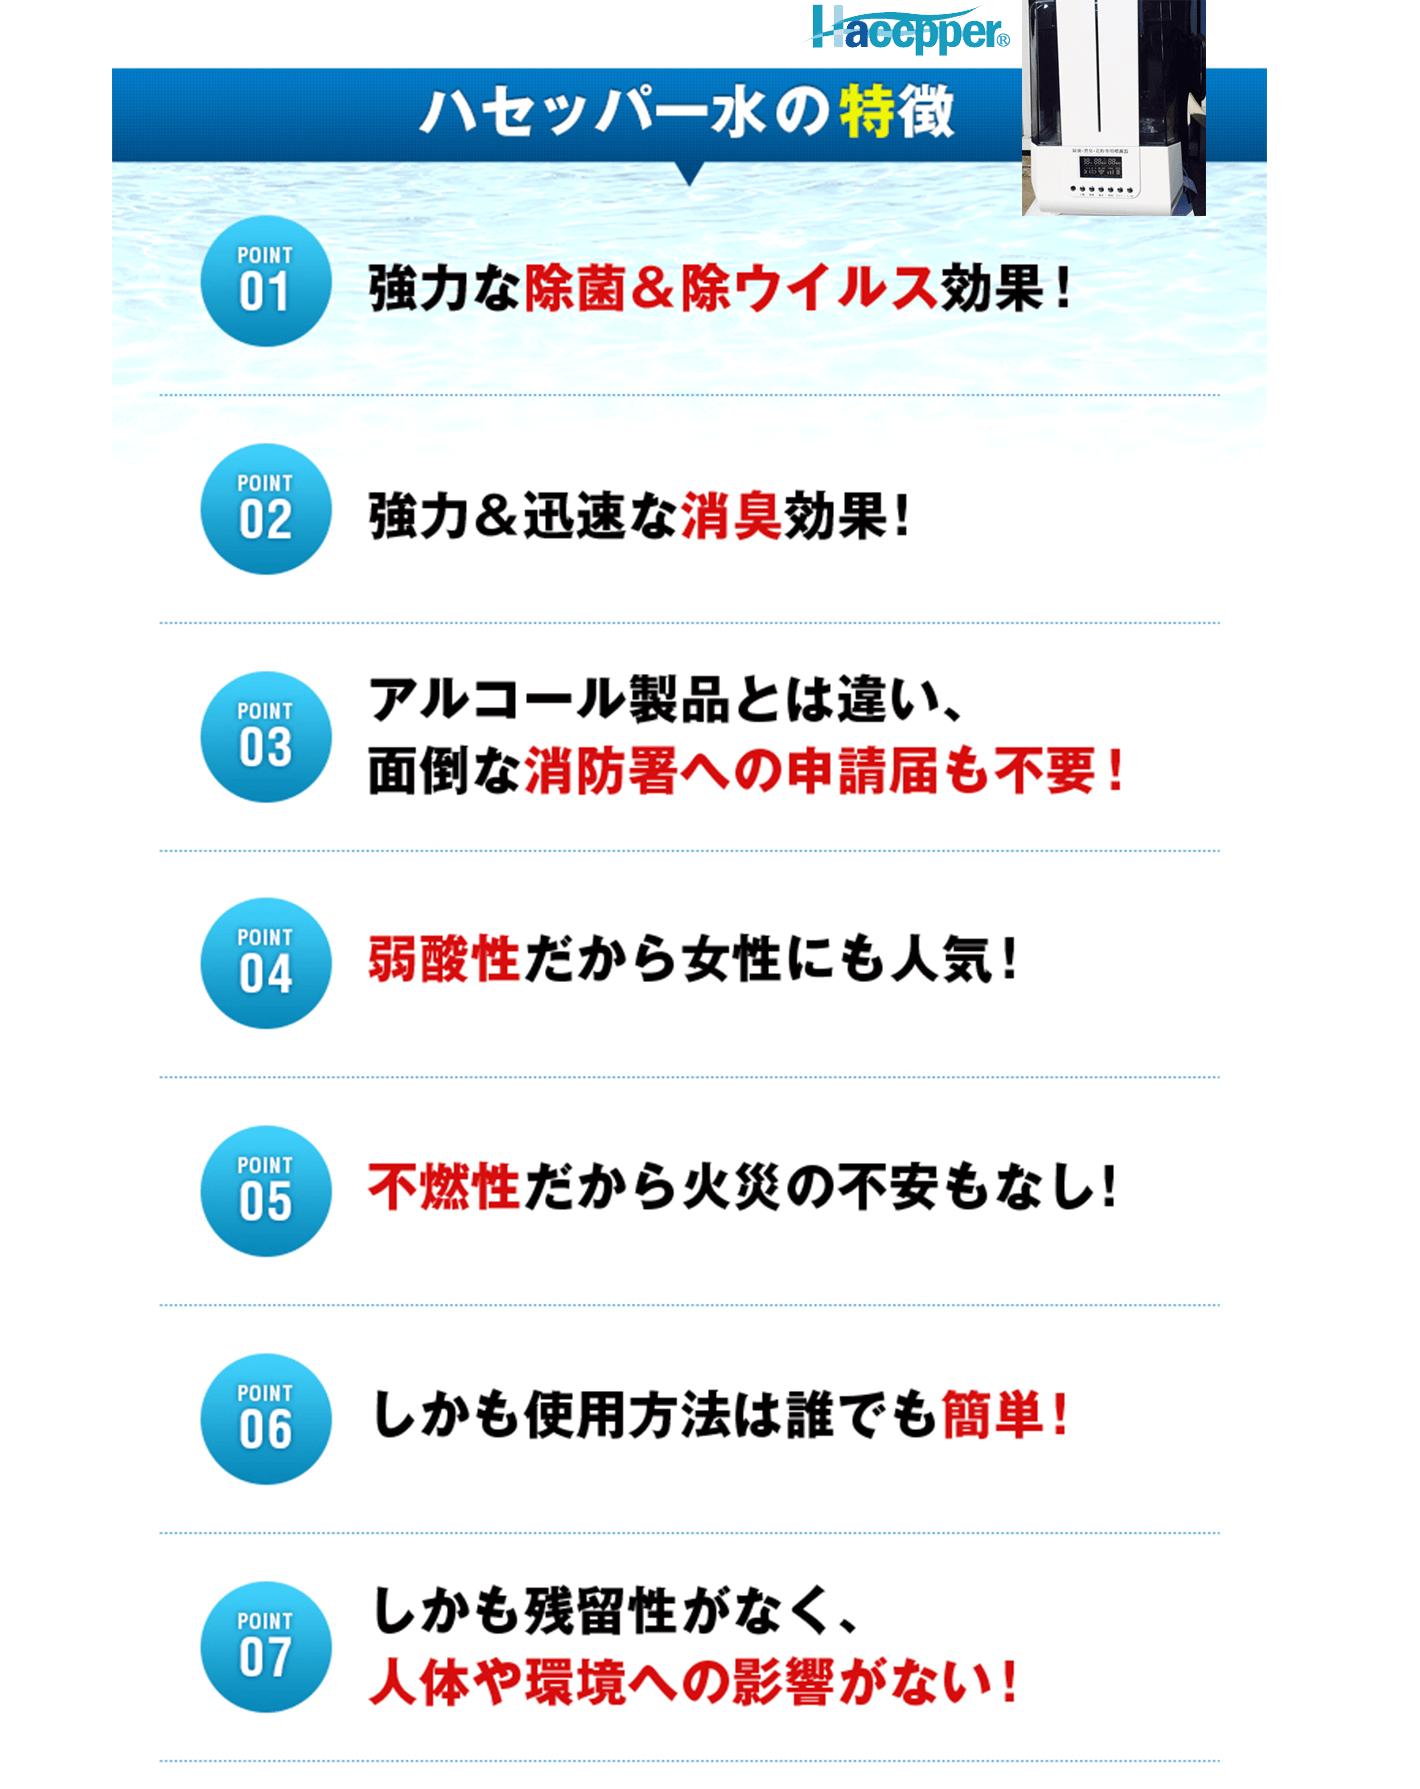 ハセッパー水の特徴